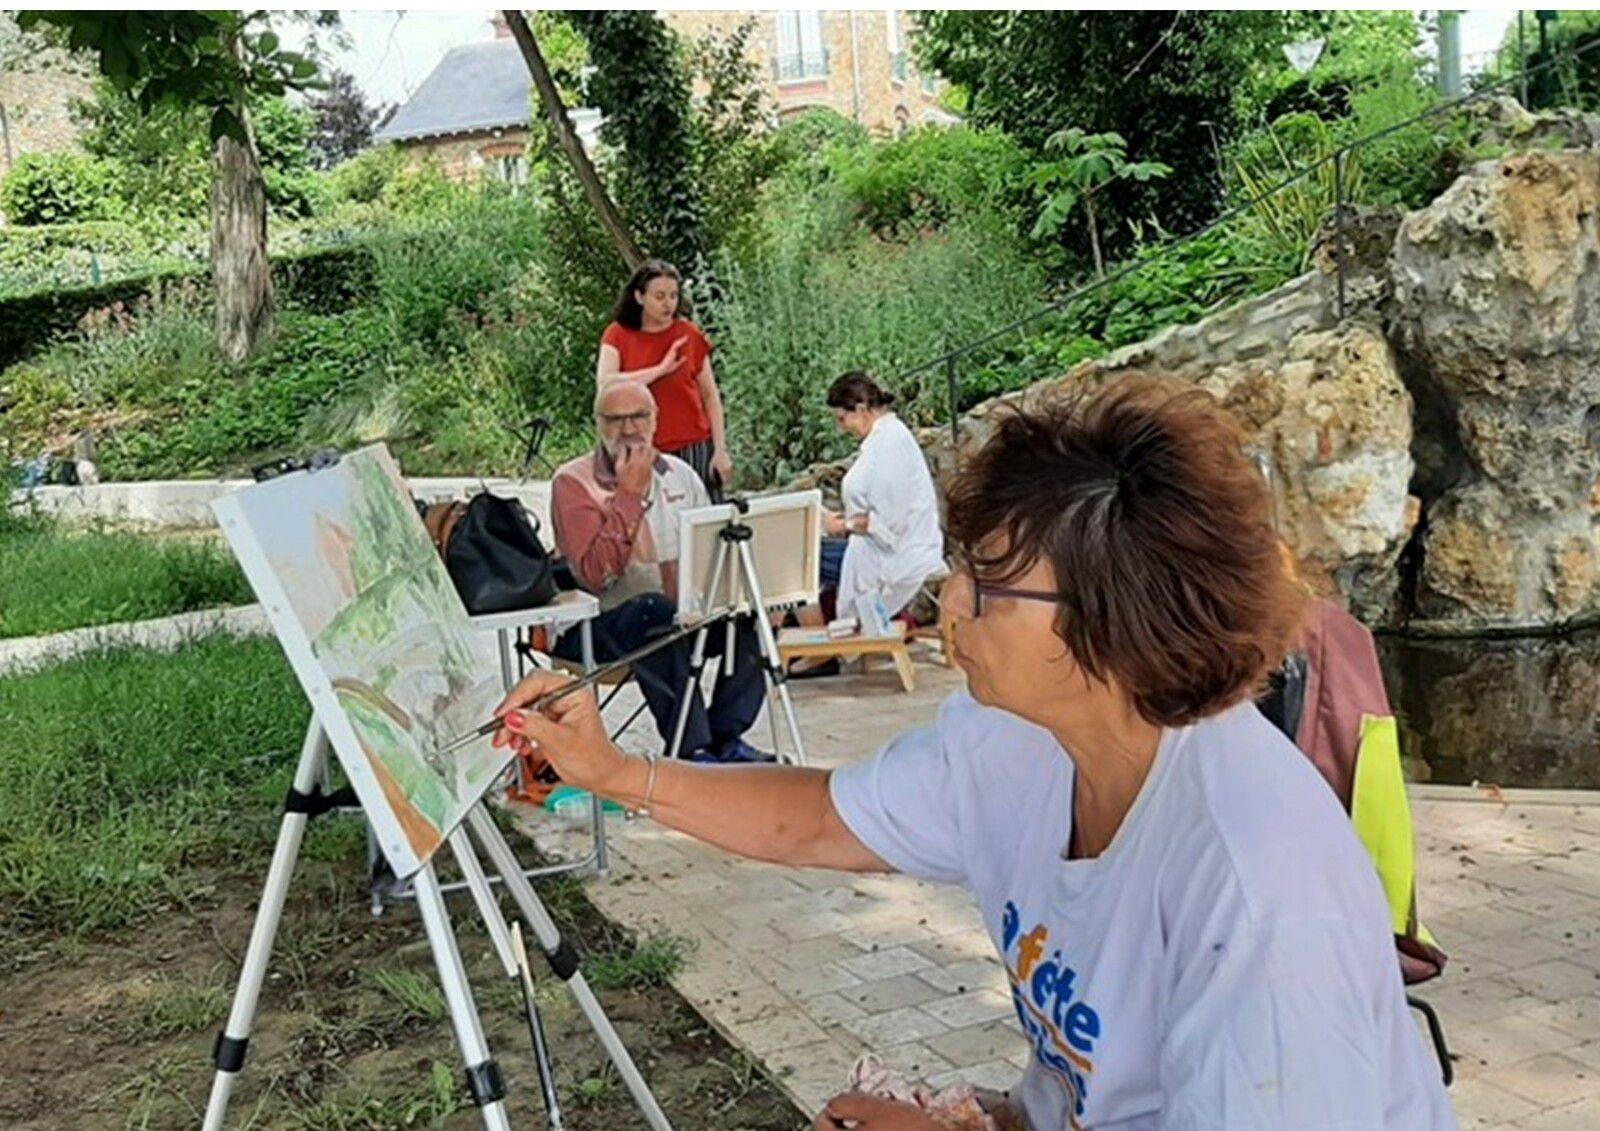 Cours au lac de Verrières pour les groupes de dessin et d'acrylique les 16 et 17 juin !